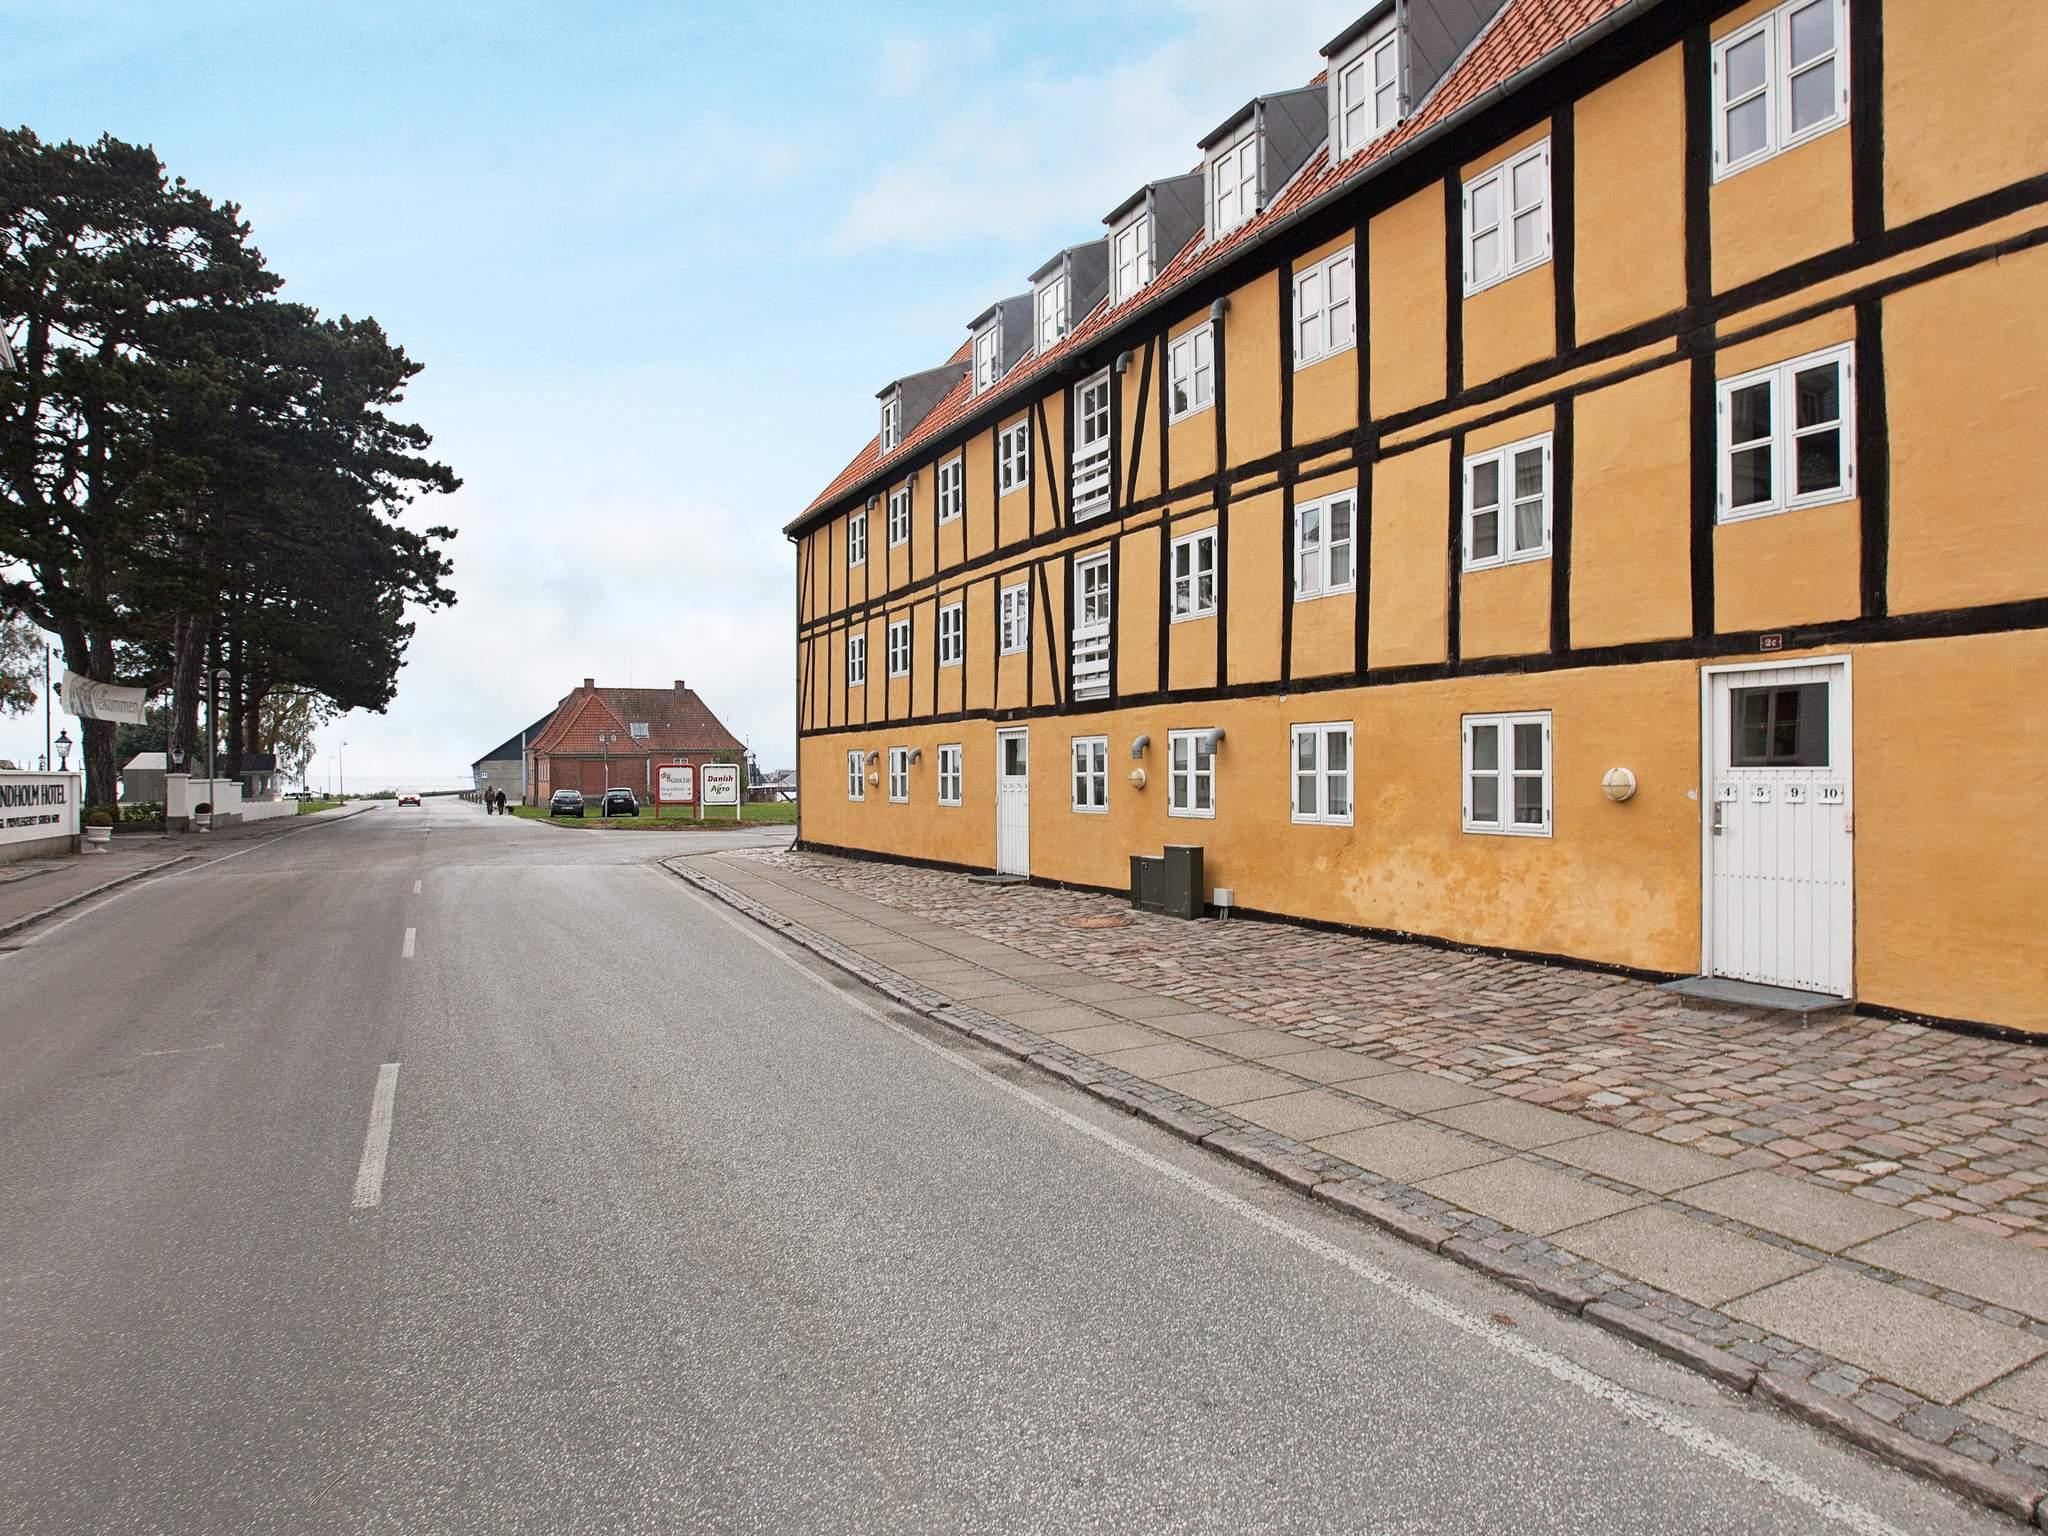 Ferienwohnung Bandholm (1718018), Bandholm, , Lolland, Dänemark, Bild 13